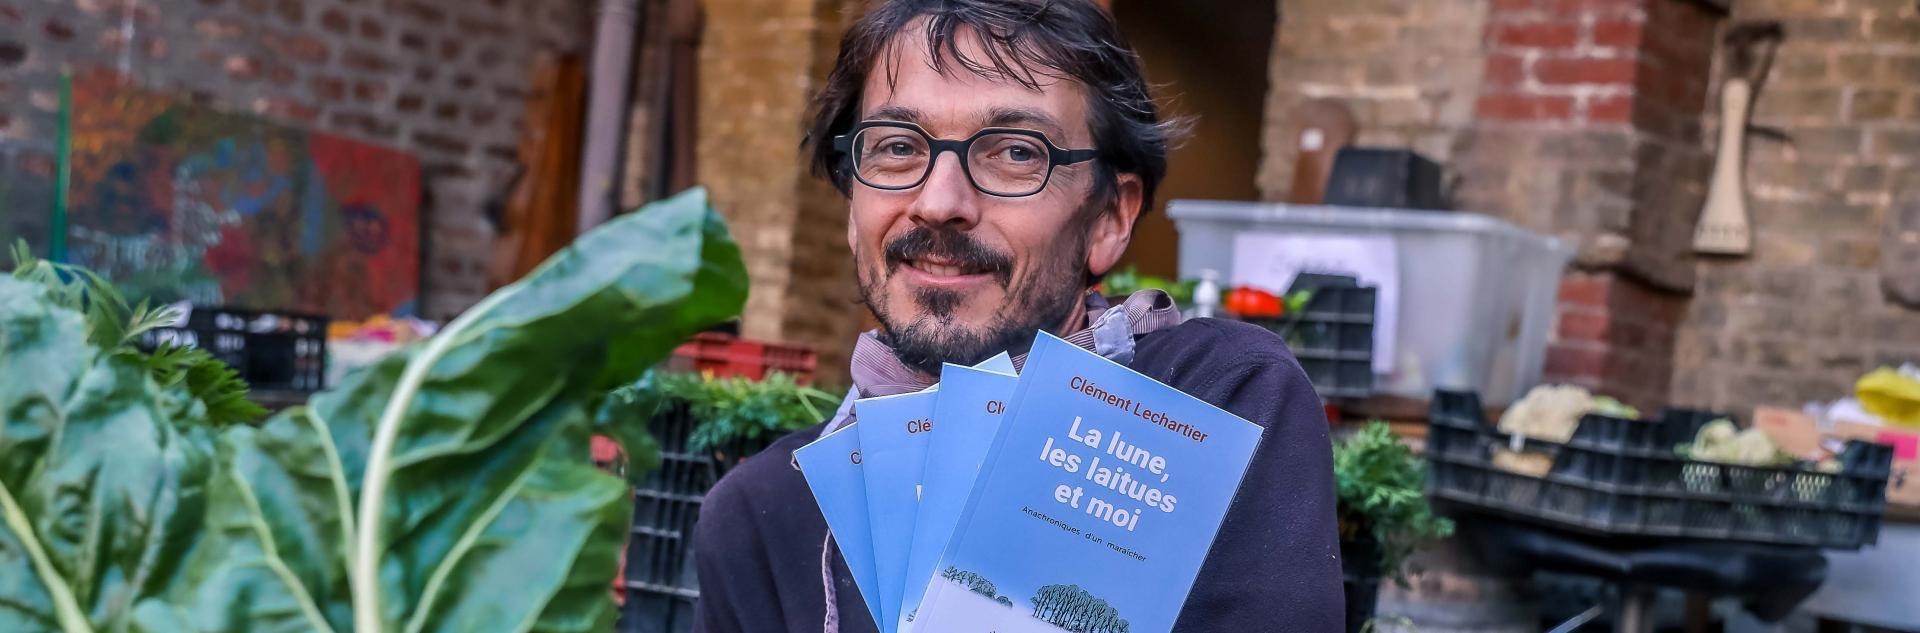 Le maraîcher Clément Lecharlier et son ouvrage